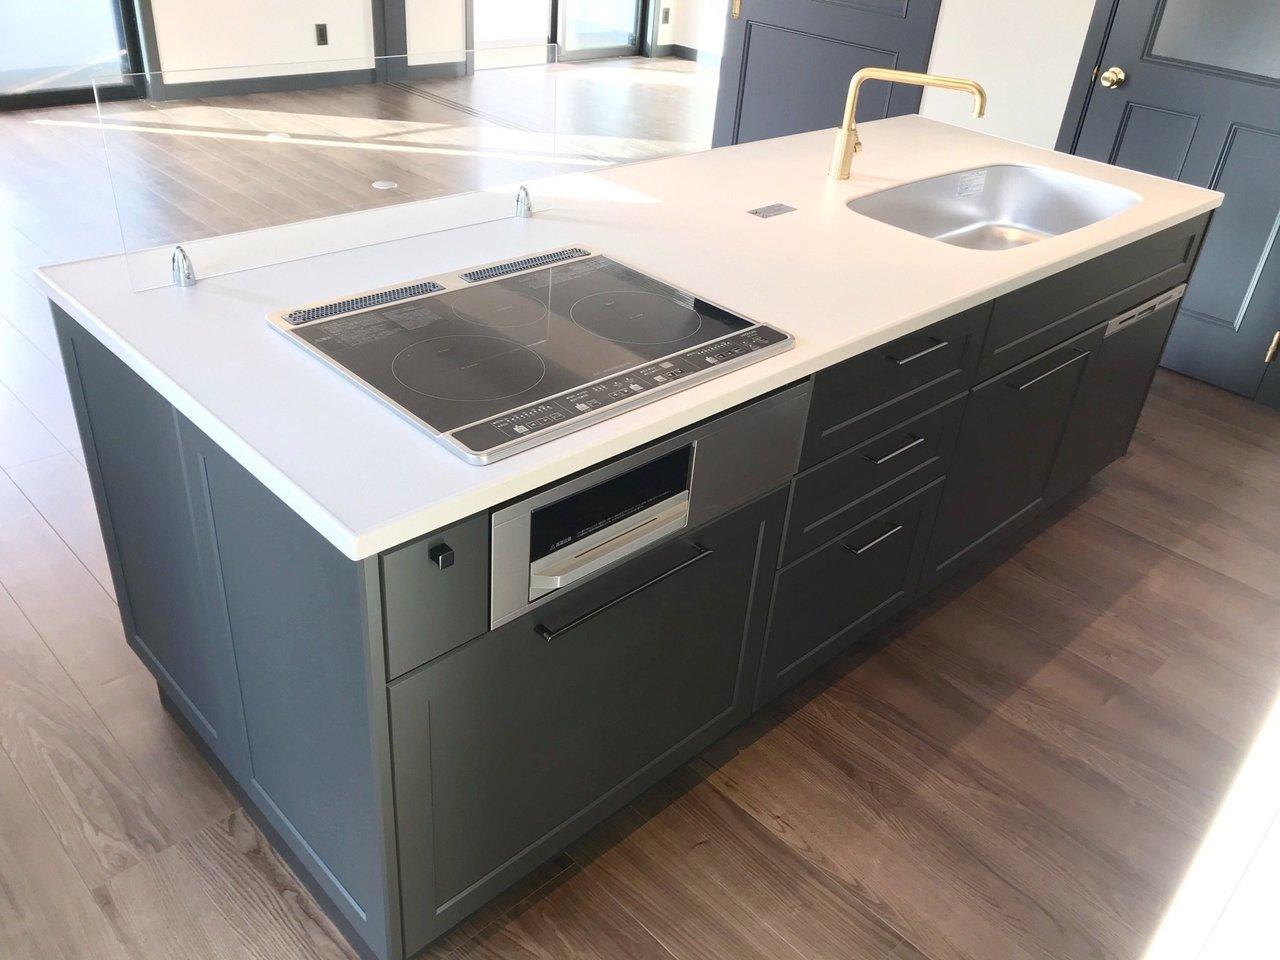 機能性も十分のおしゃれなキッチンで、否応無くテンションが上がってしまいますね。